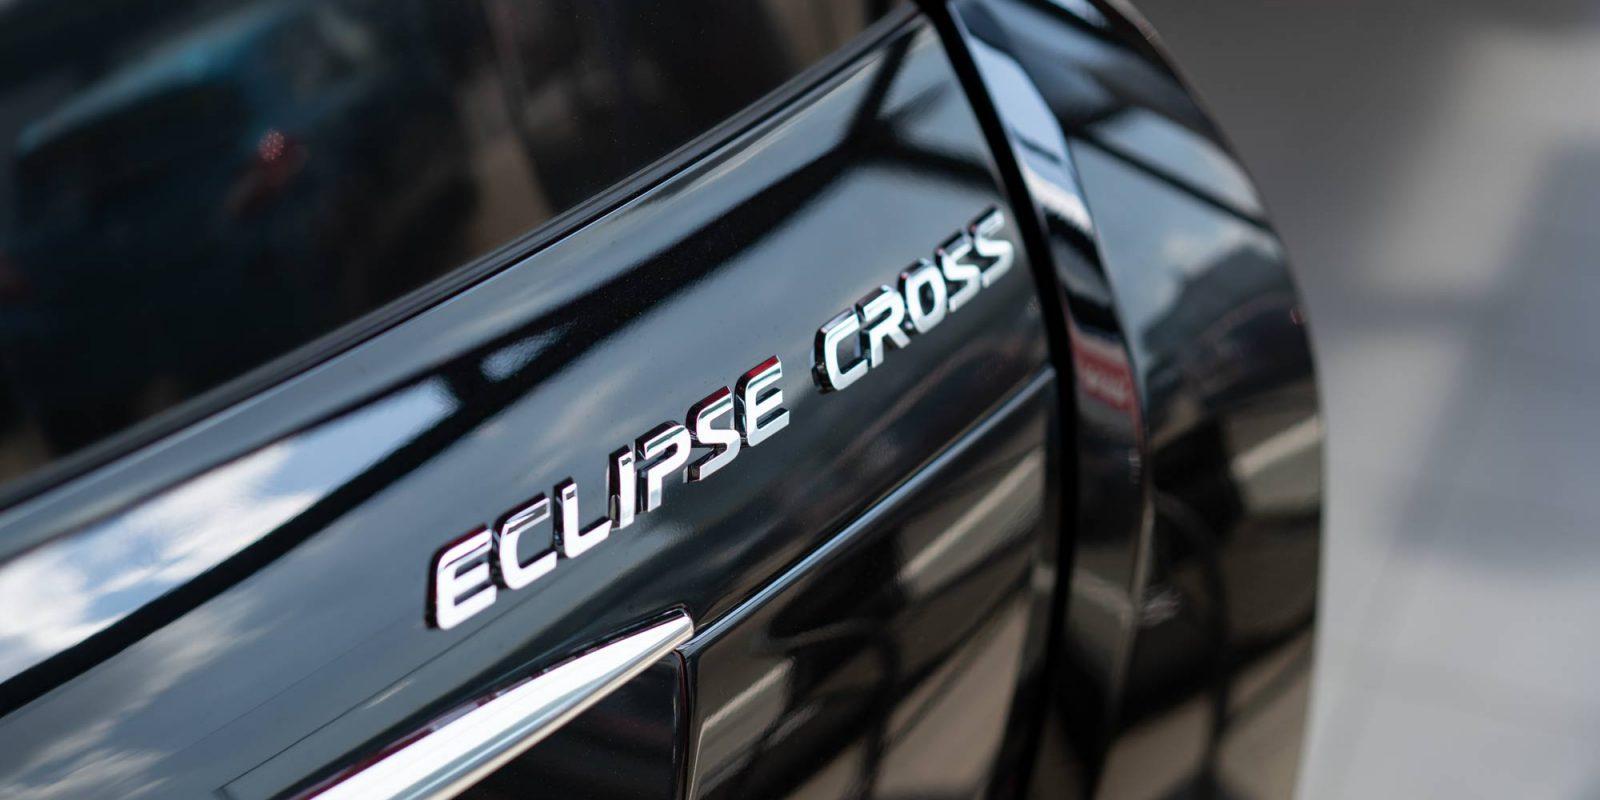 Eclipse Cross Autohaus Jörg Buschmann